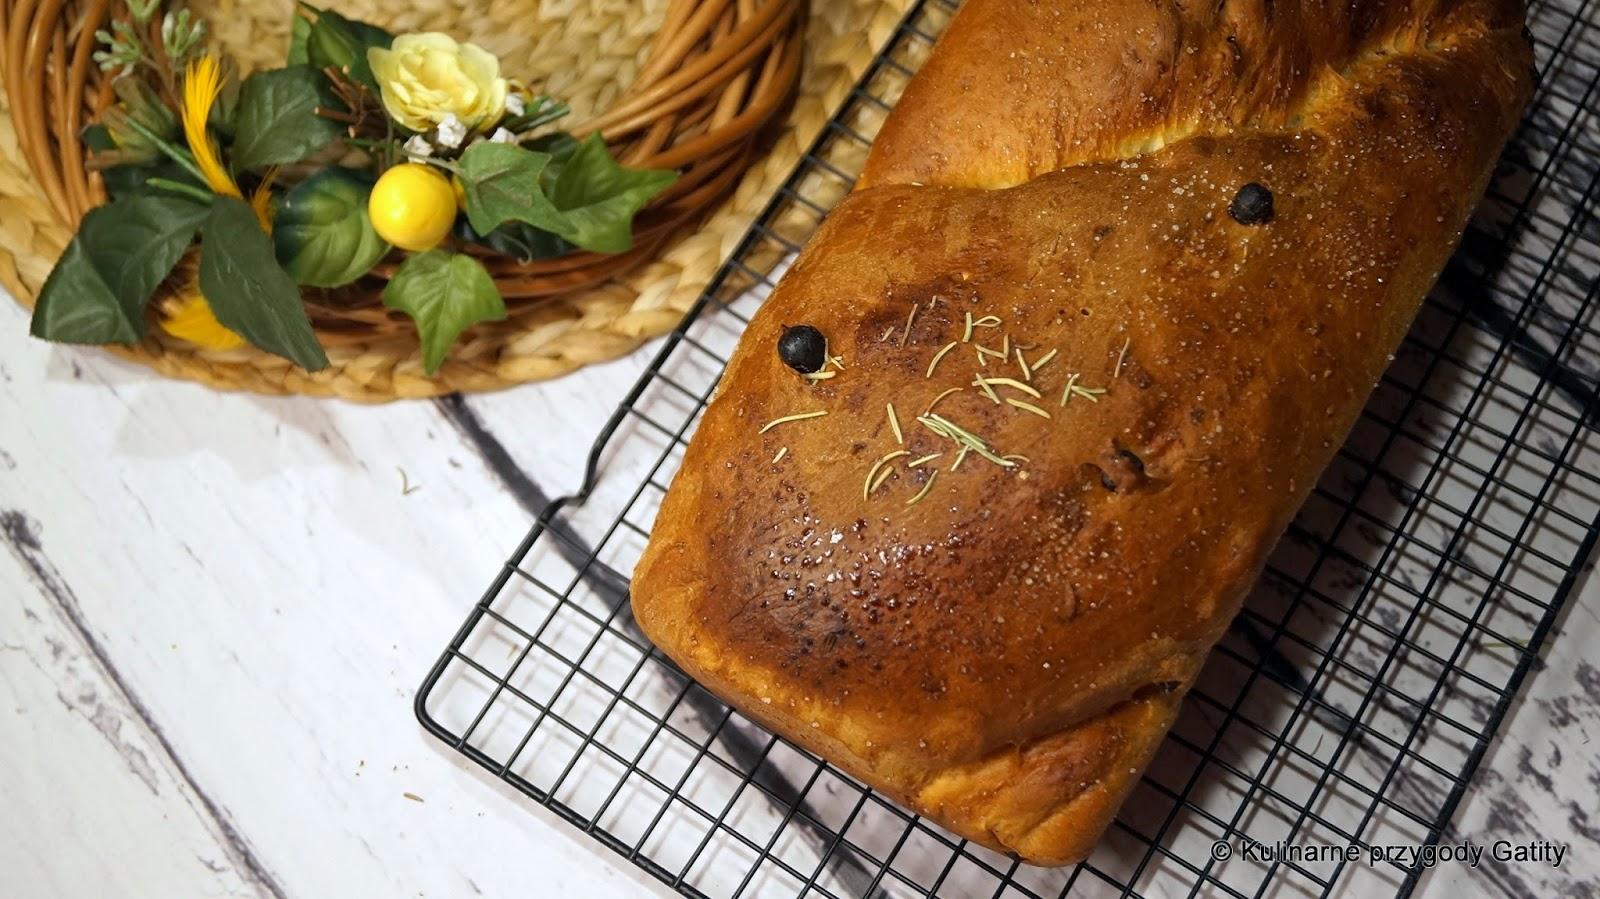 drozdzowy-chleb-na-kratce